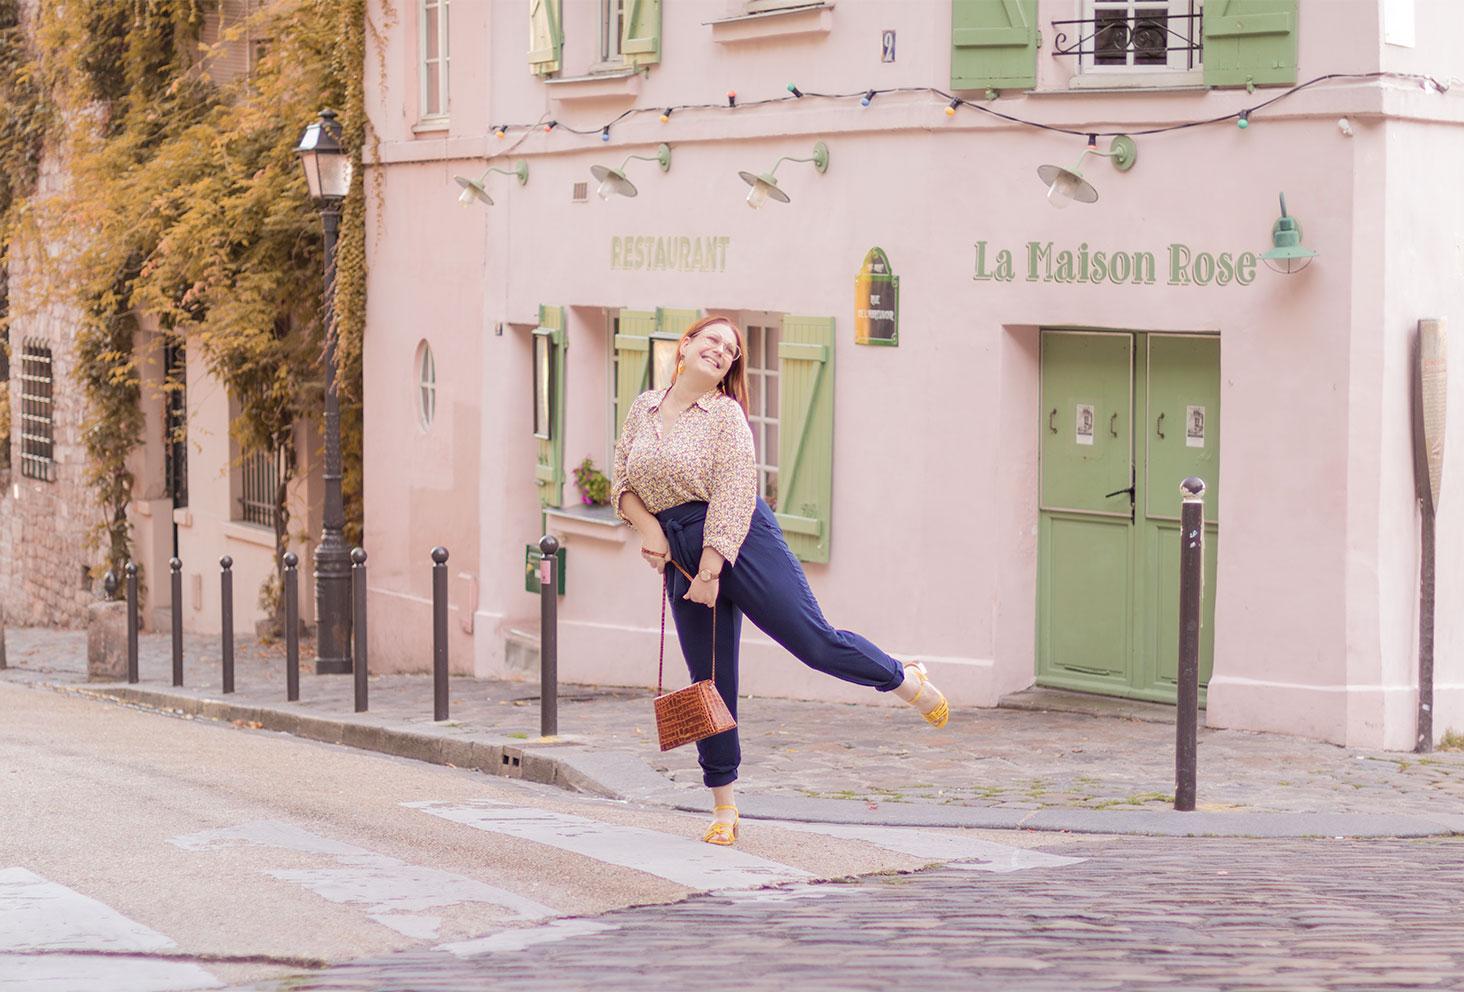 Sur le passage piéton devant la Maison Rose de Montmartre avec le sourire, en pantalon avec un chemisier, un sac à main entre les mains